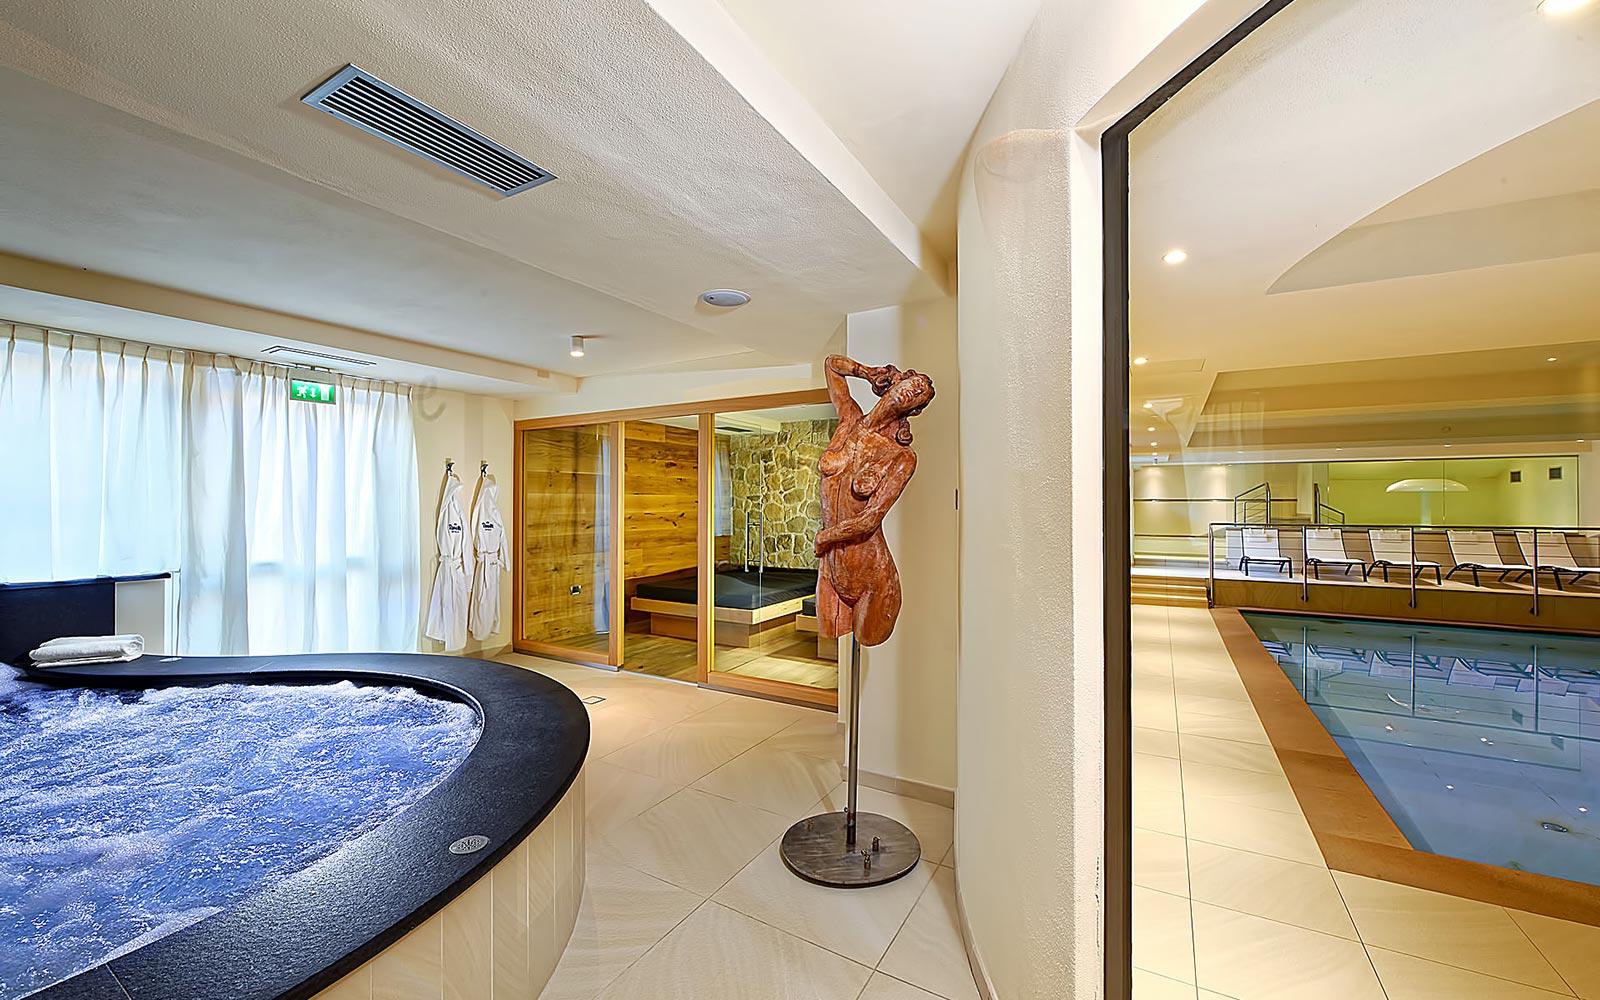 IDROMASSAGGIO<br>HOTEL SPORTING - MEZZANA